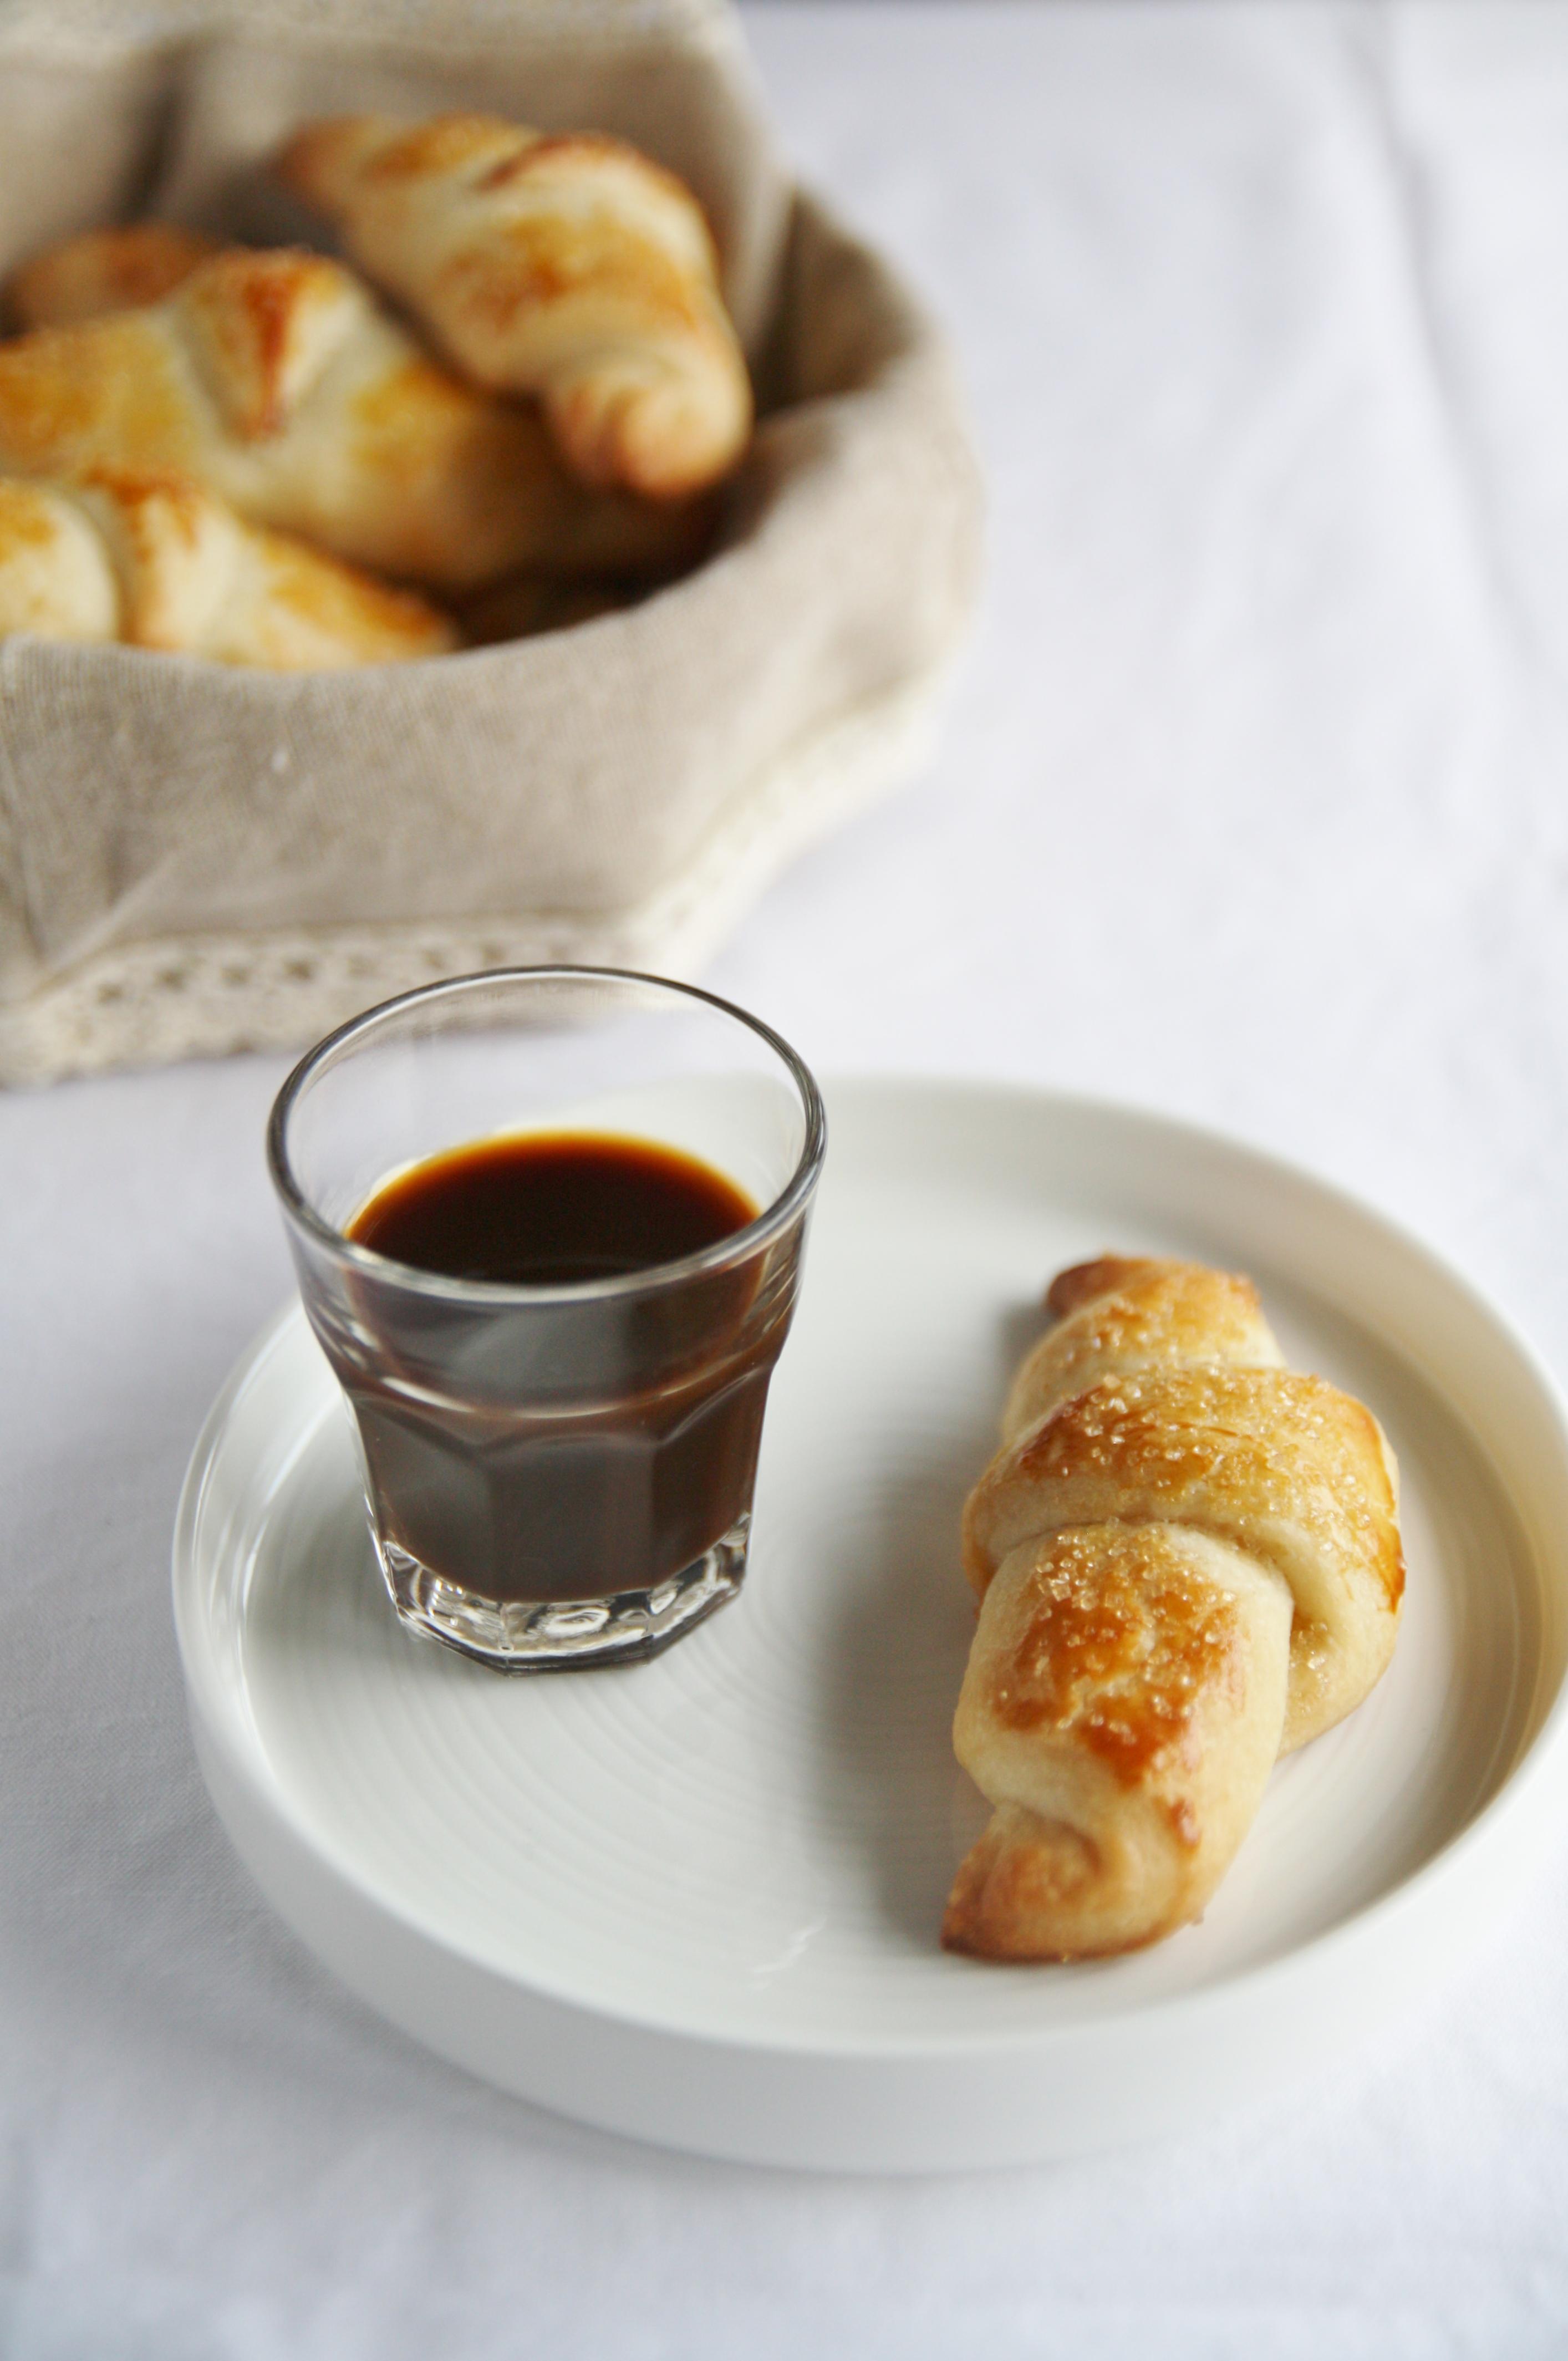 Croissant veloci di Philippe Conticini